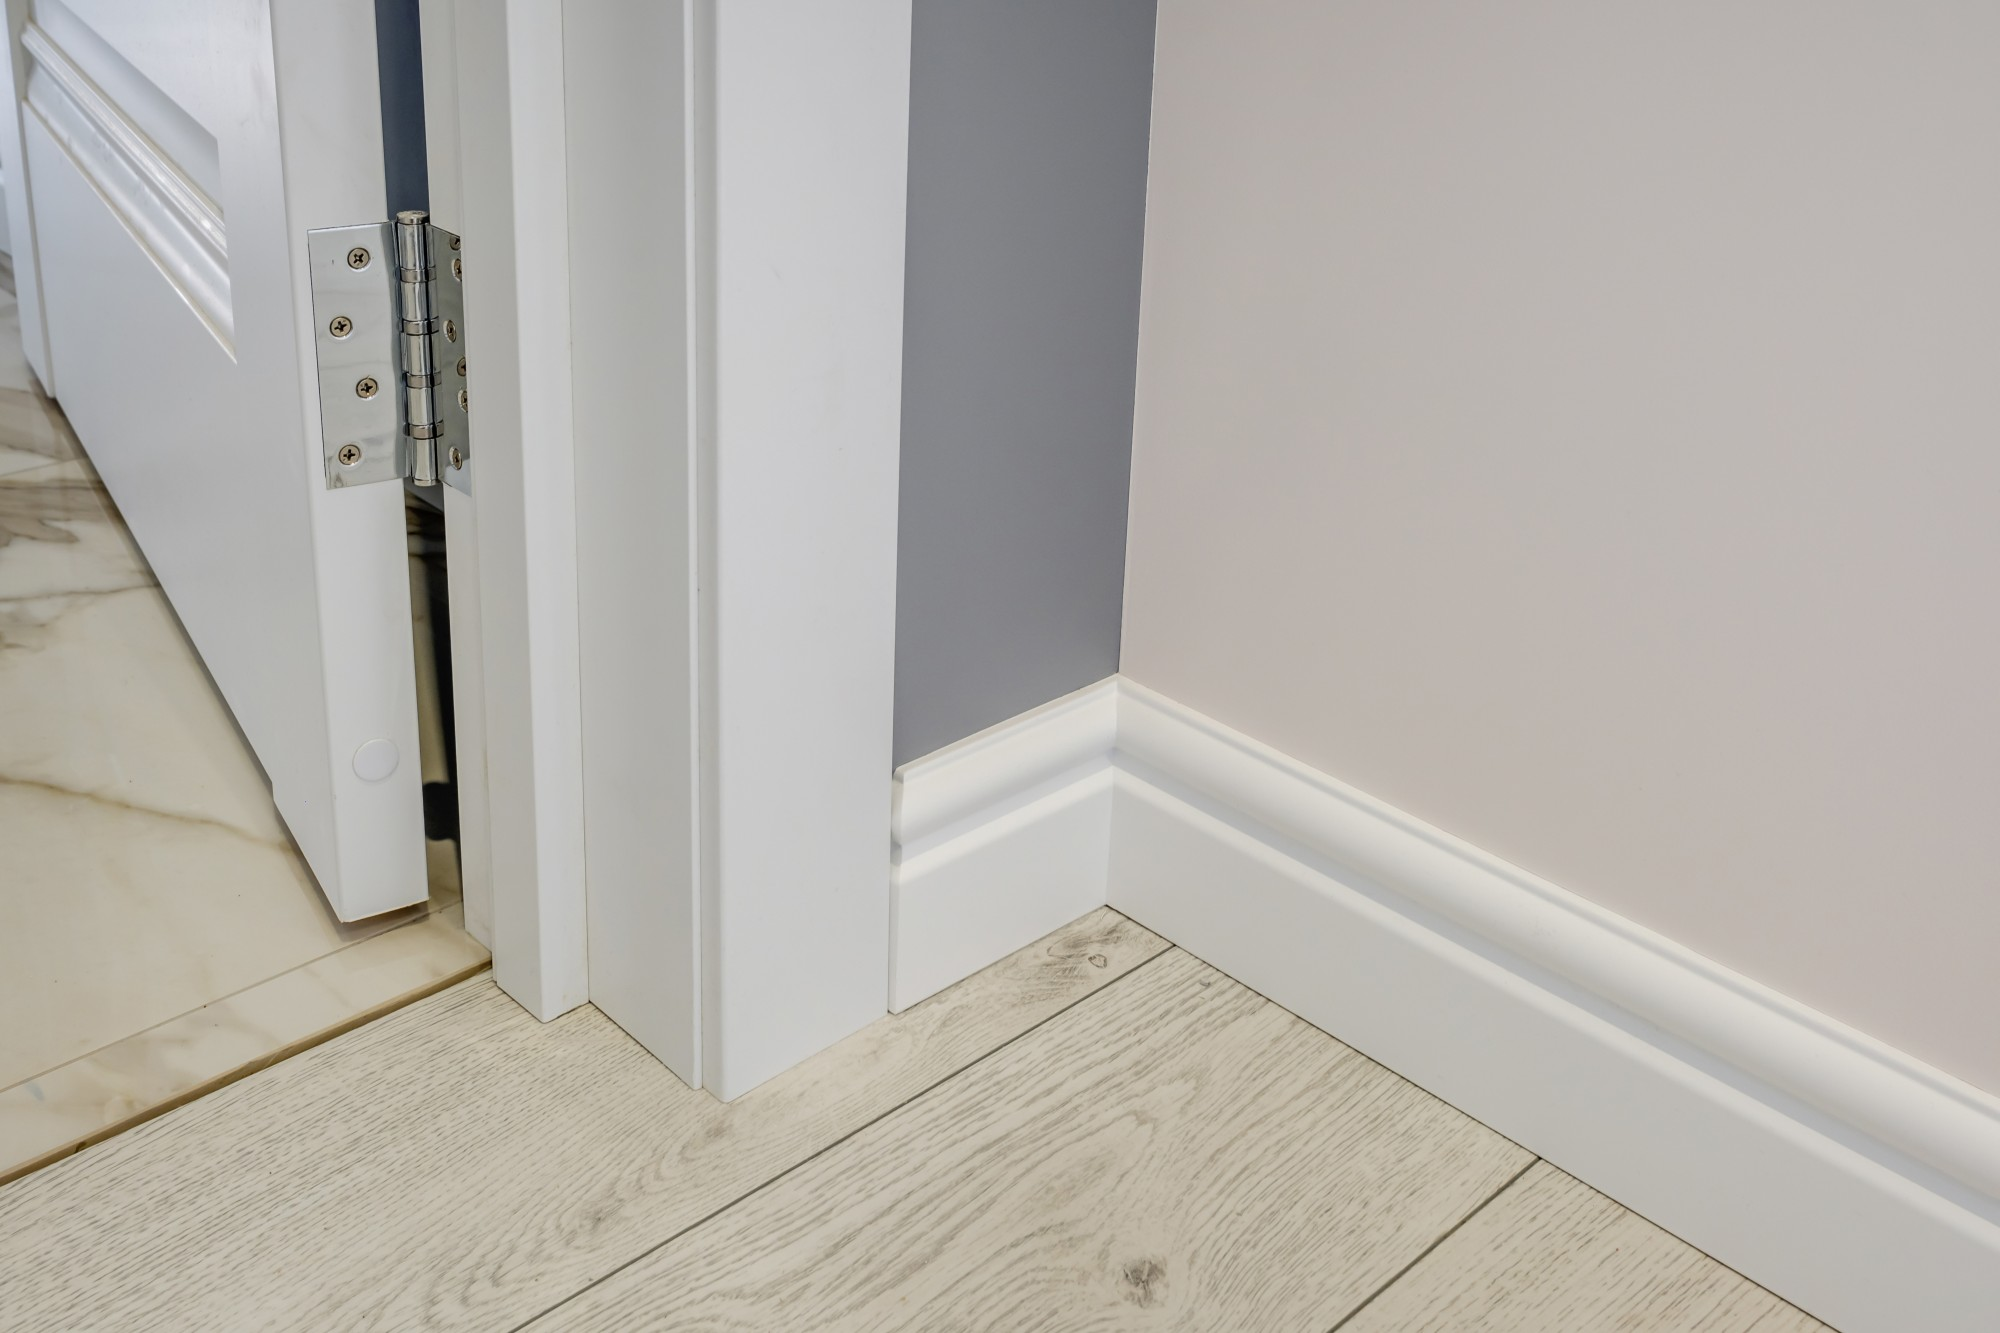 A sarokban való illesztés a lábazati szegélyléceknél is szükséges, ezért hasznos, ha ismerjük az elkészítés módját.